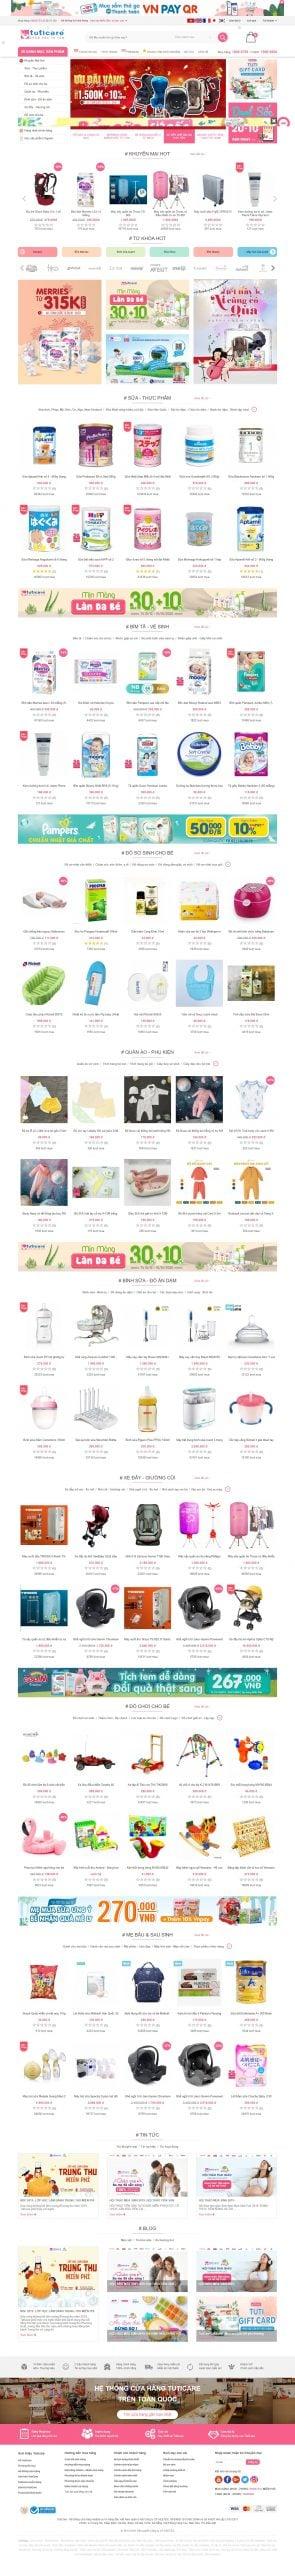 Mẫu thiết kế website bán hàng – tuticare.com TutiCare – Hệ thống cửa hàng mẹ và bé uy tín hàng đầu Việt Nam – Leading Bab